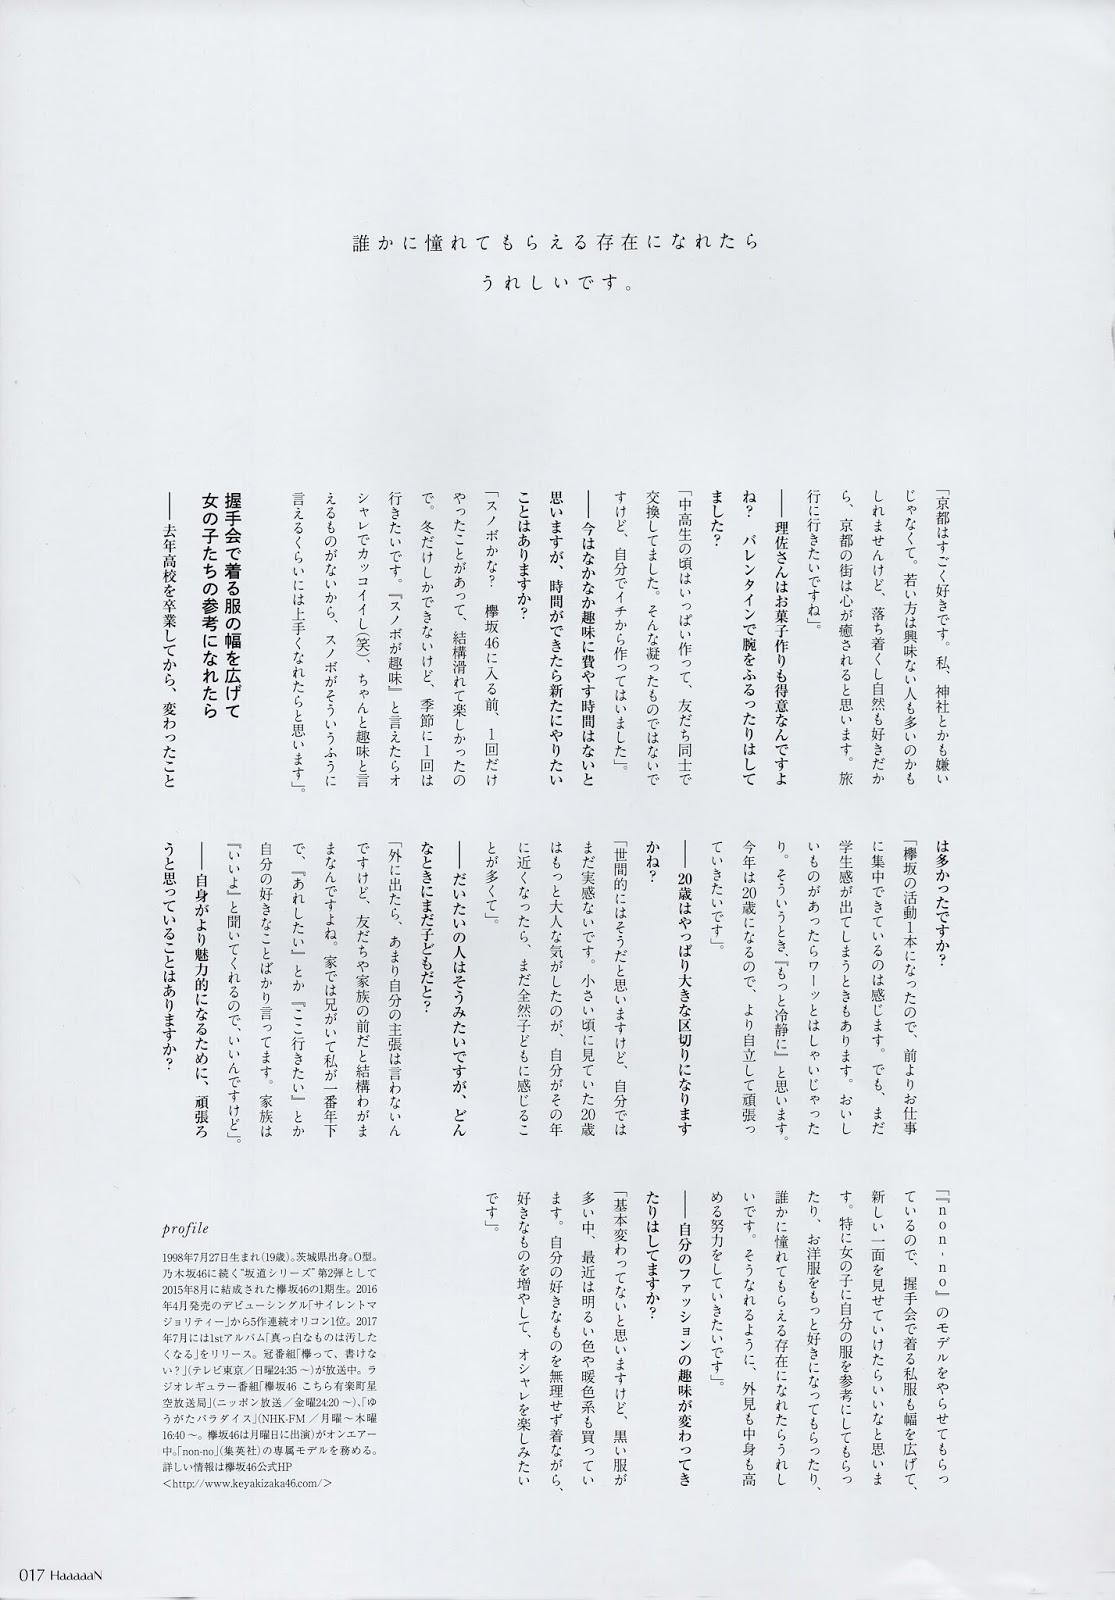 HUSTLE PRESS HaaaaaN Canopus Watanabe Risa[180214] - Japanese Gravure Idol Watanabe Risa Japanese Girls Japanese Hustle Press gravure